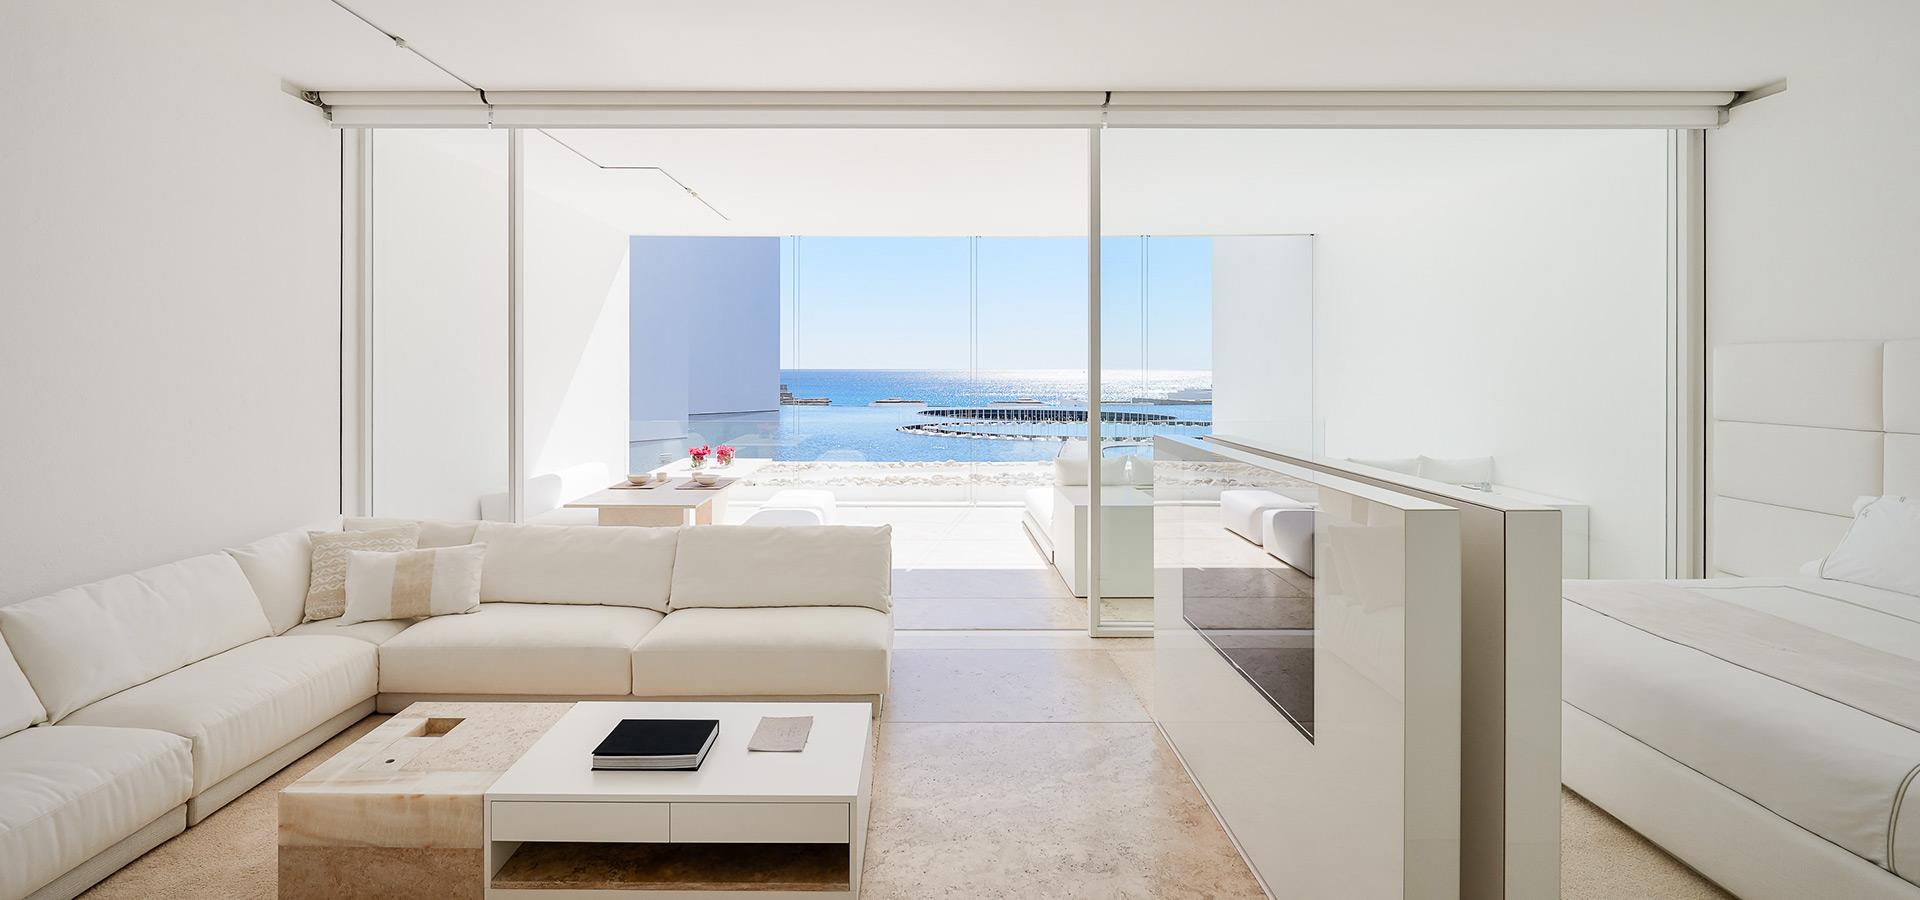 mar-adento-hotel_10miguel-aragones